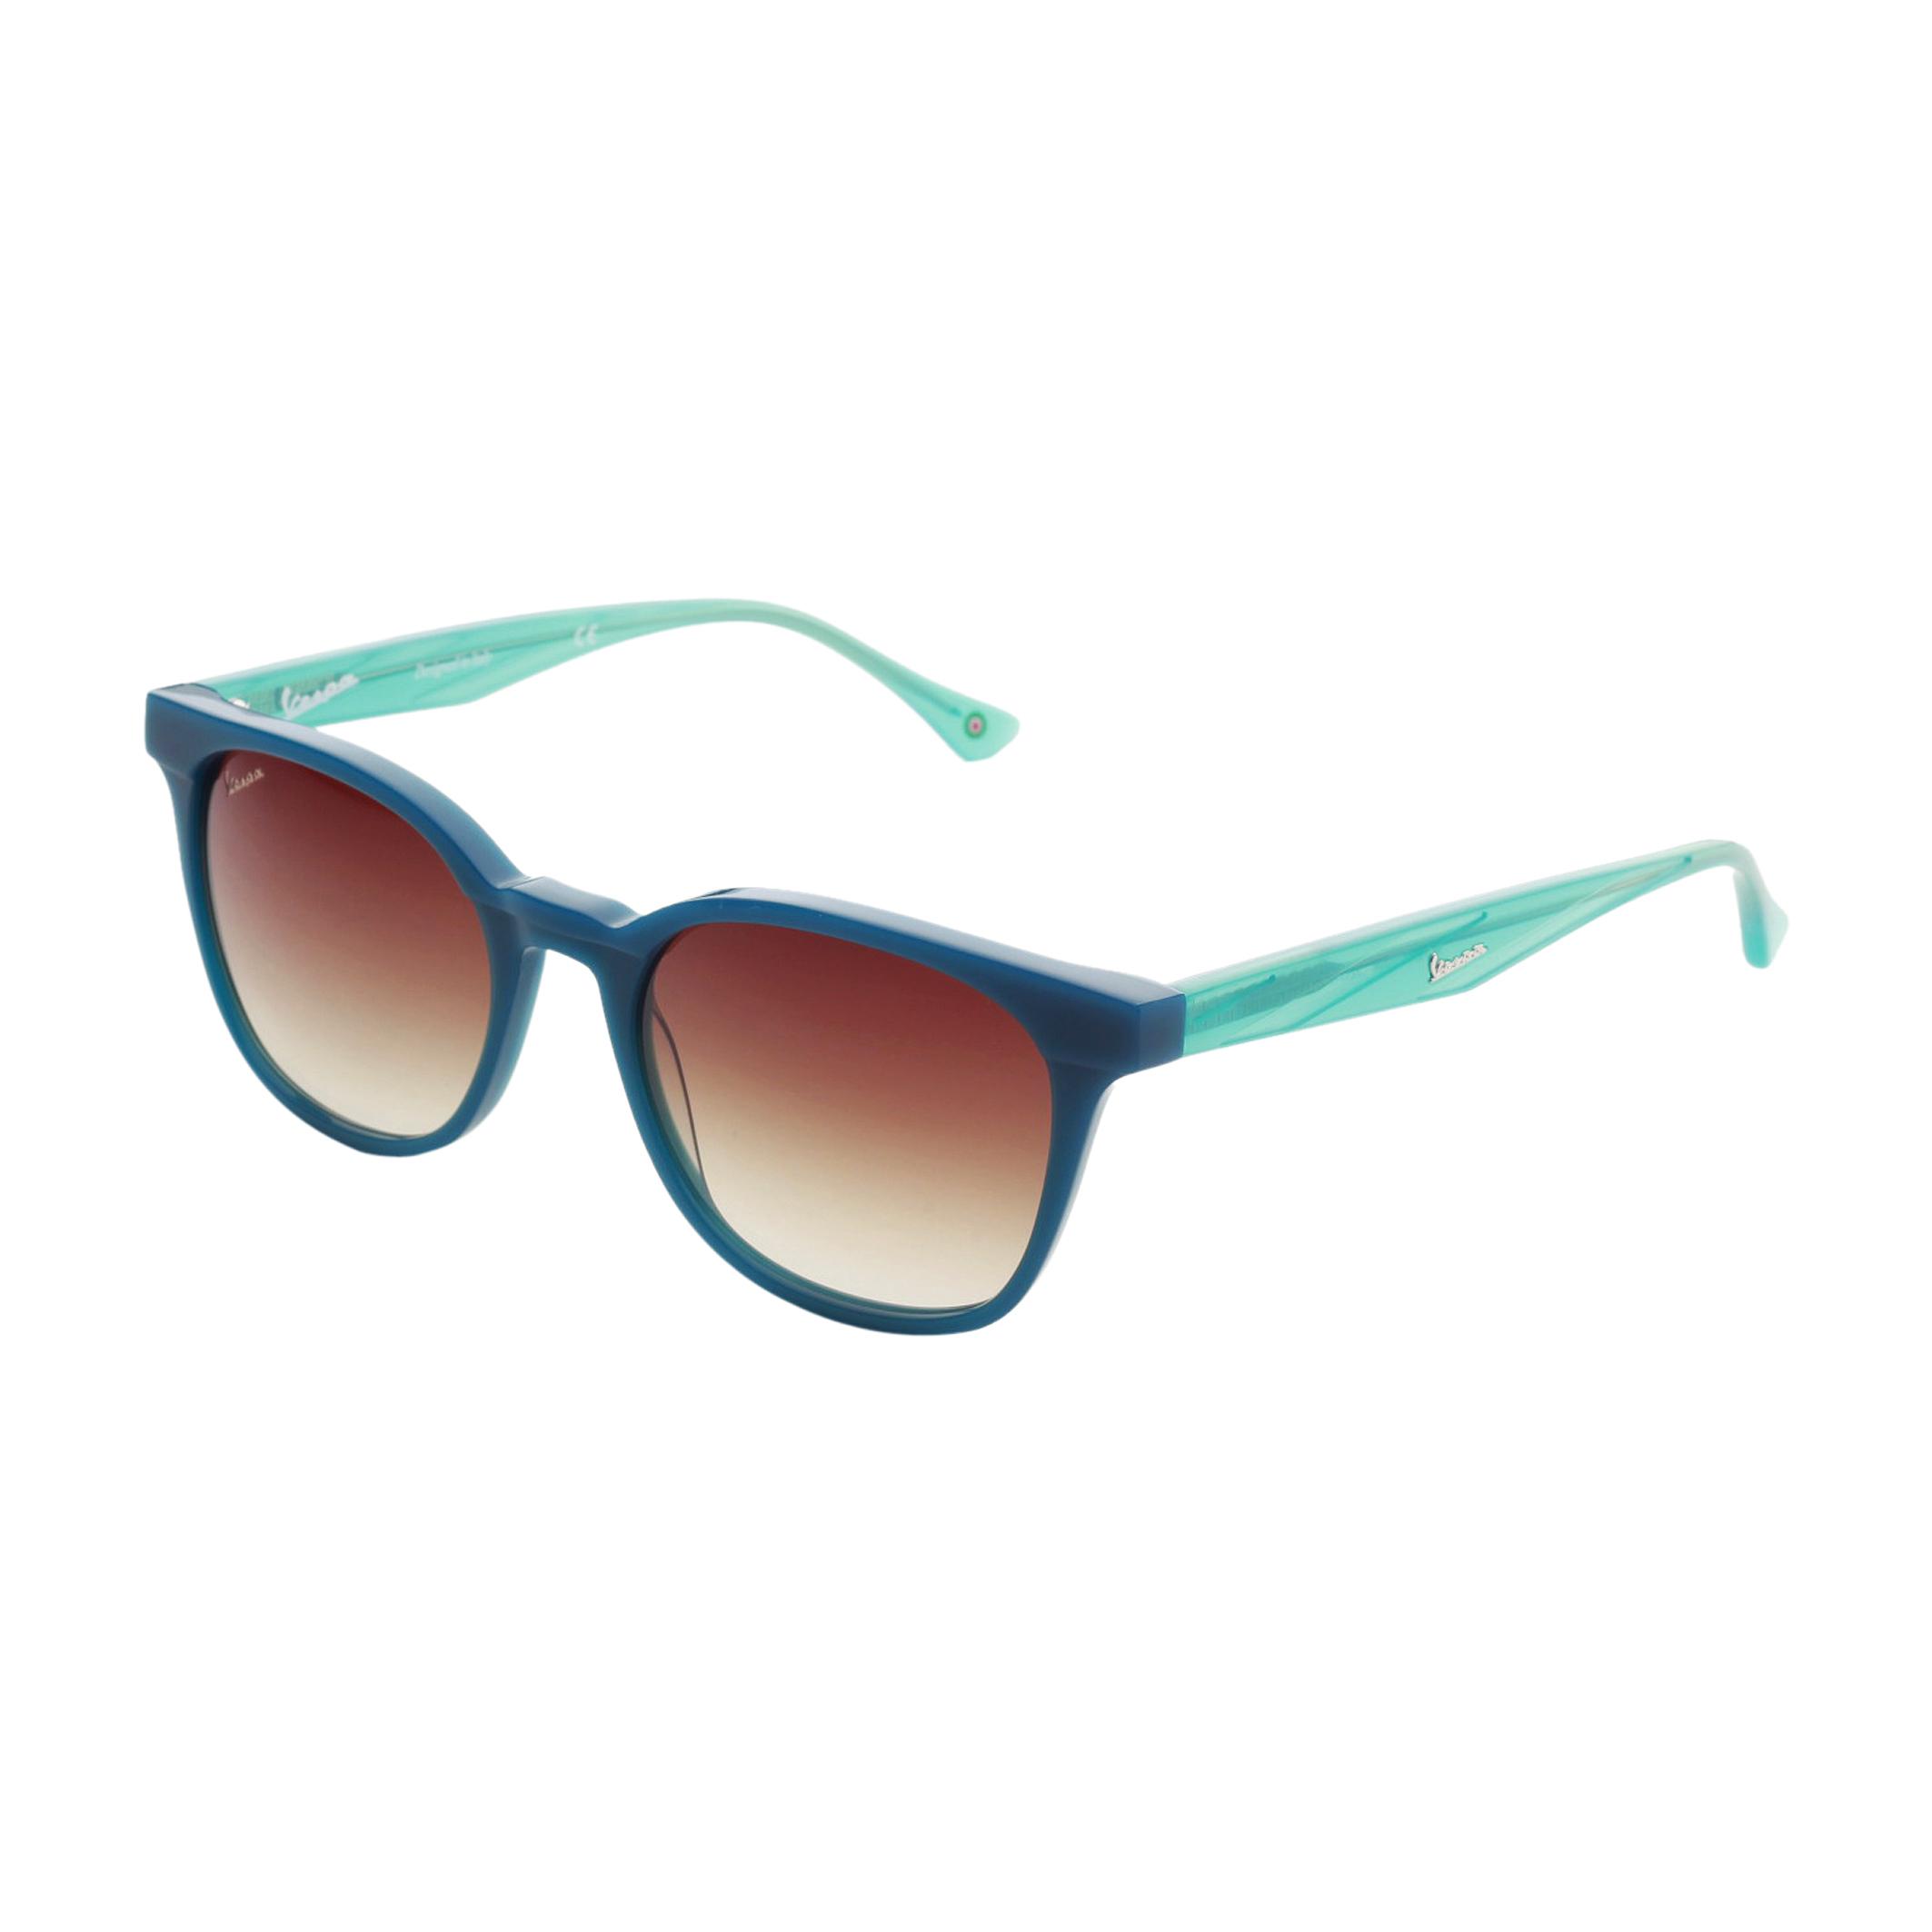 Lunettes de soleil  Vespa VP1202 blue